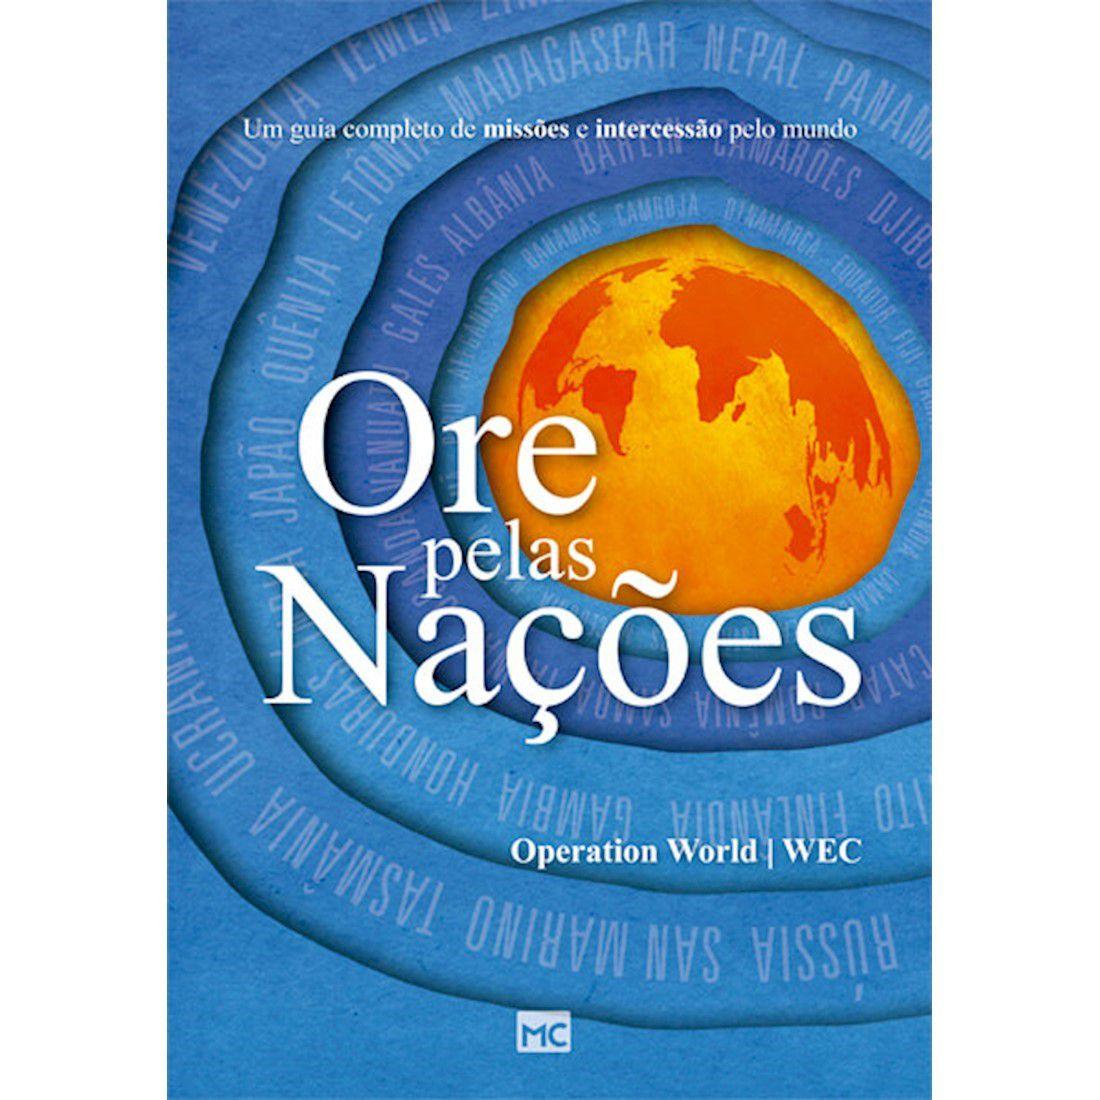 Livro Ore pelas Nações - Produto Reembalado